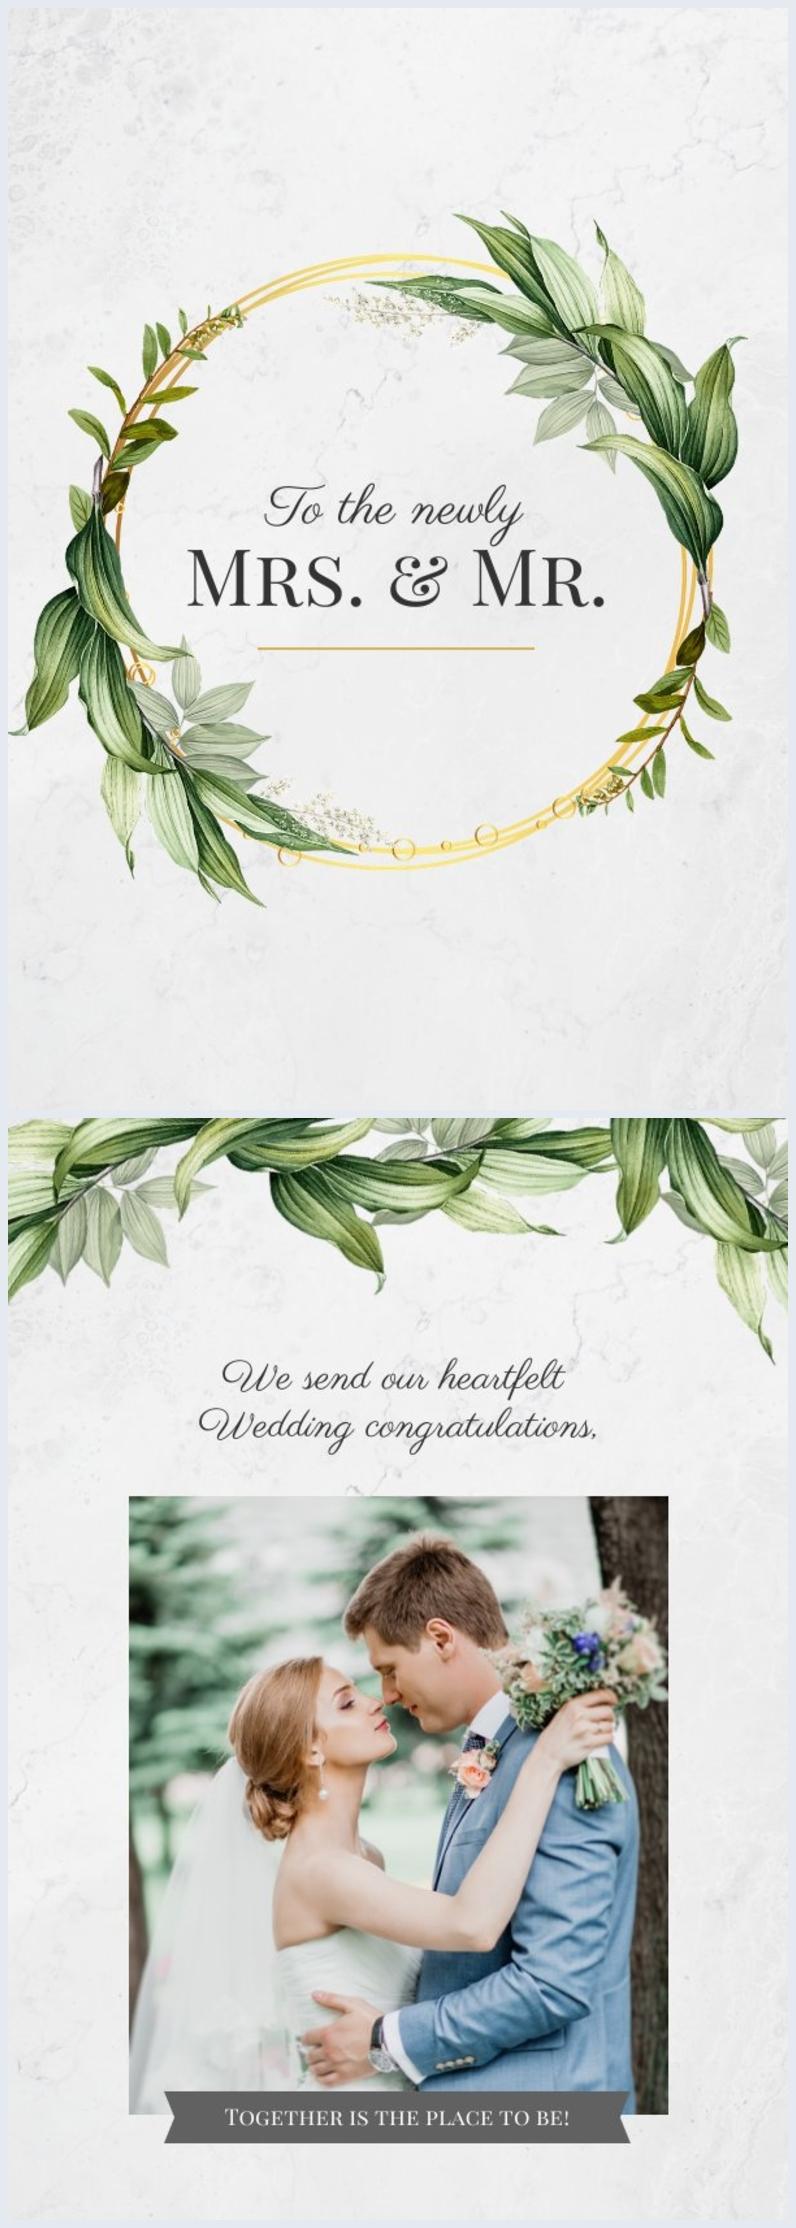 Idea grafica per biglietto d'auguri di matrimonio